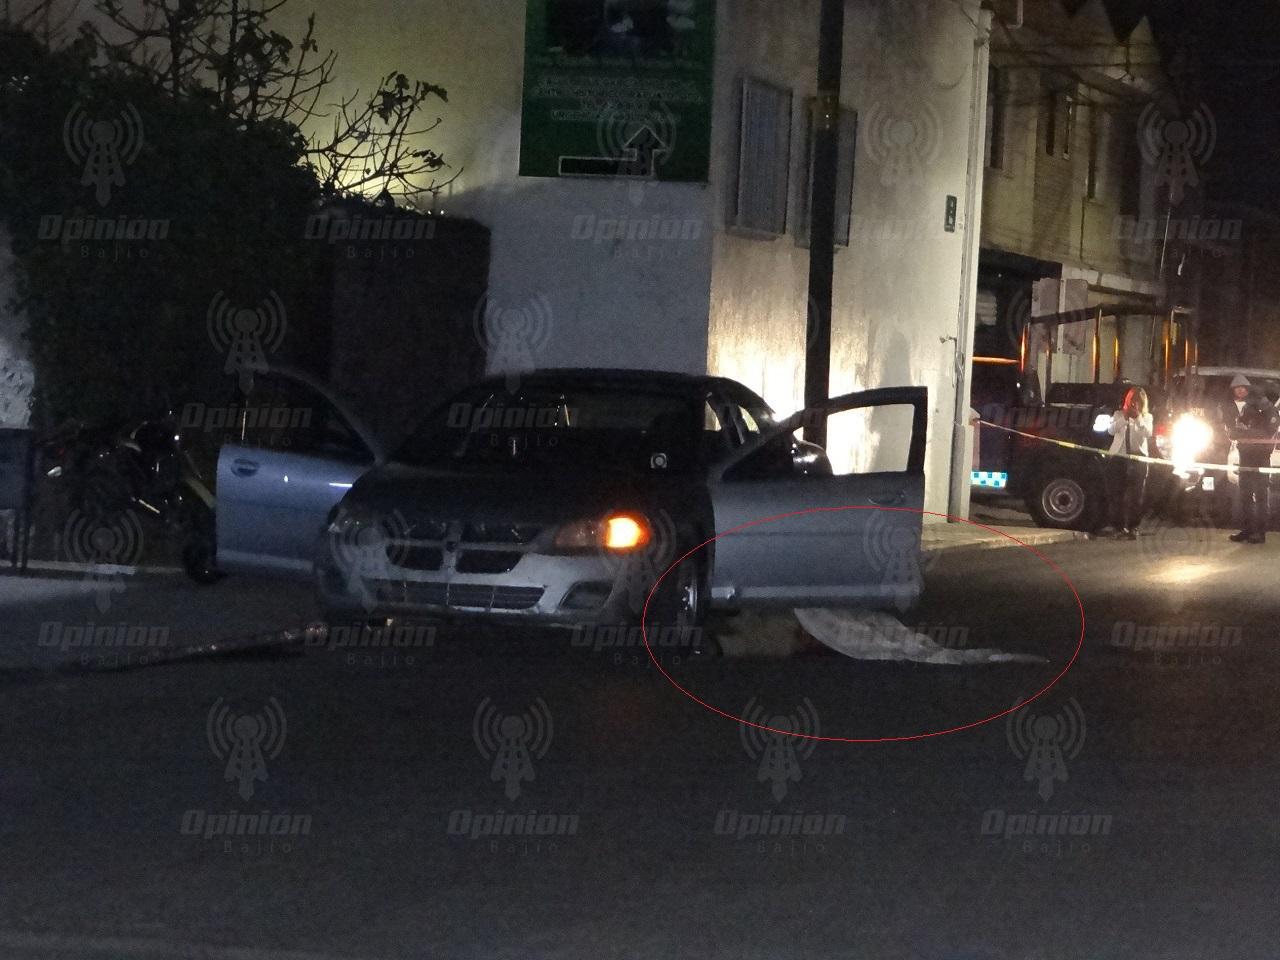 Ataque armado en centro de Irapuato deja saldo de 2 muertos y 3 heridos